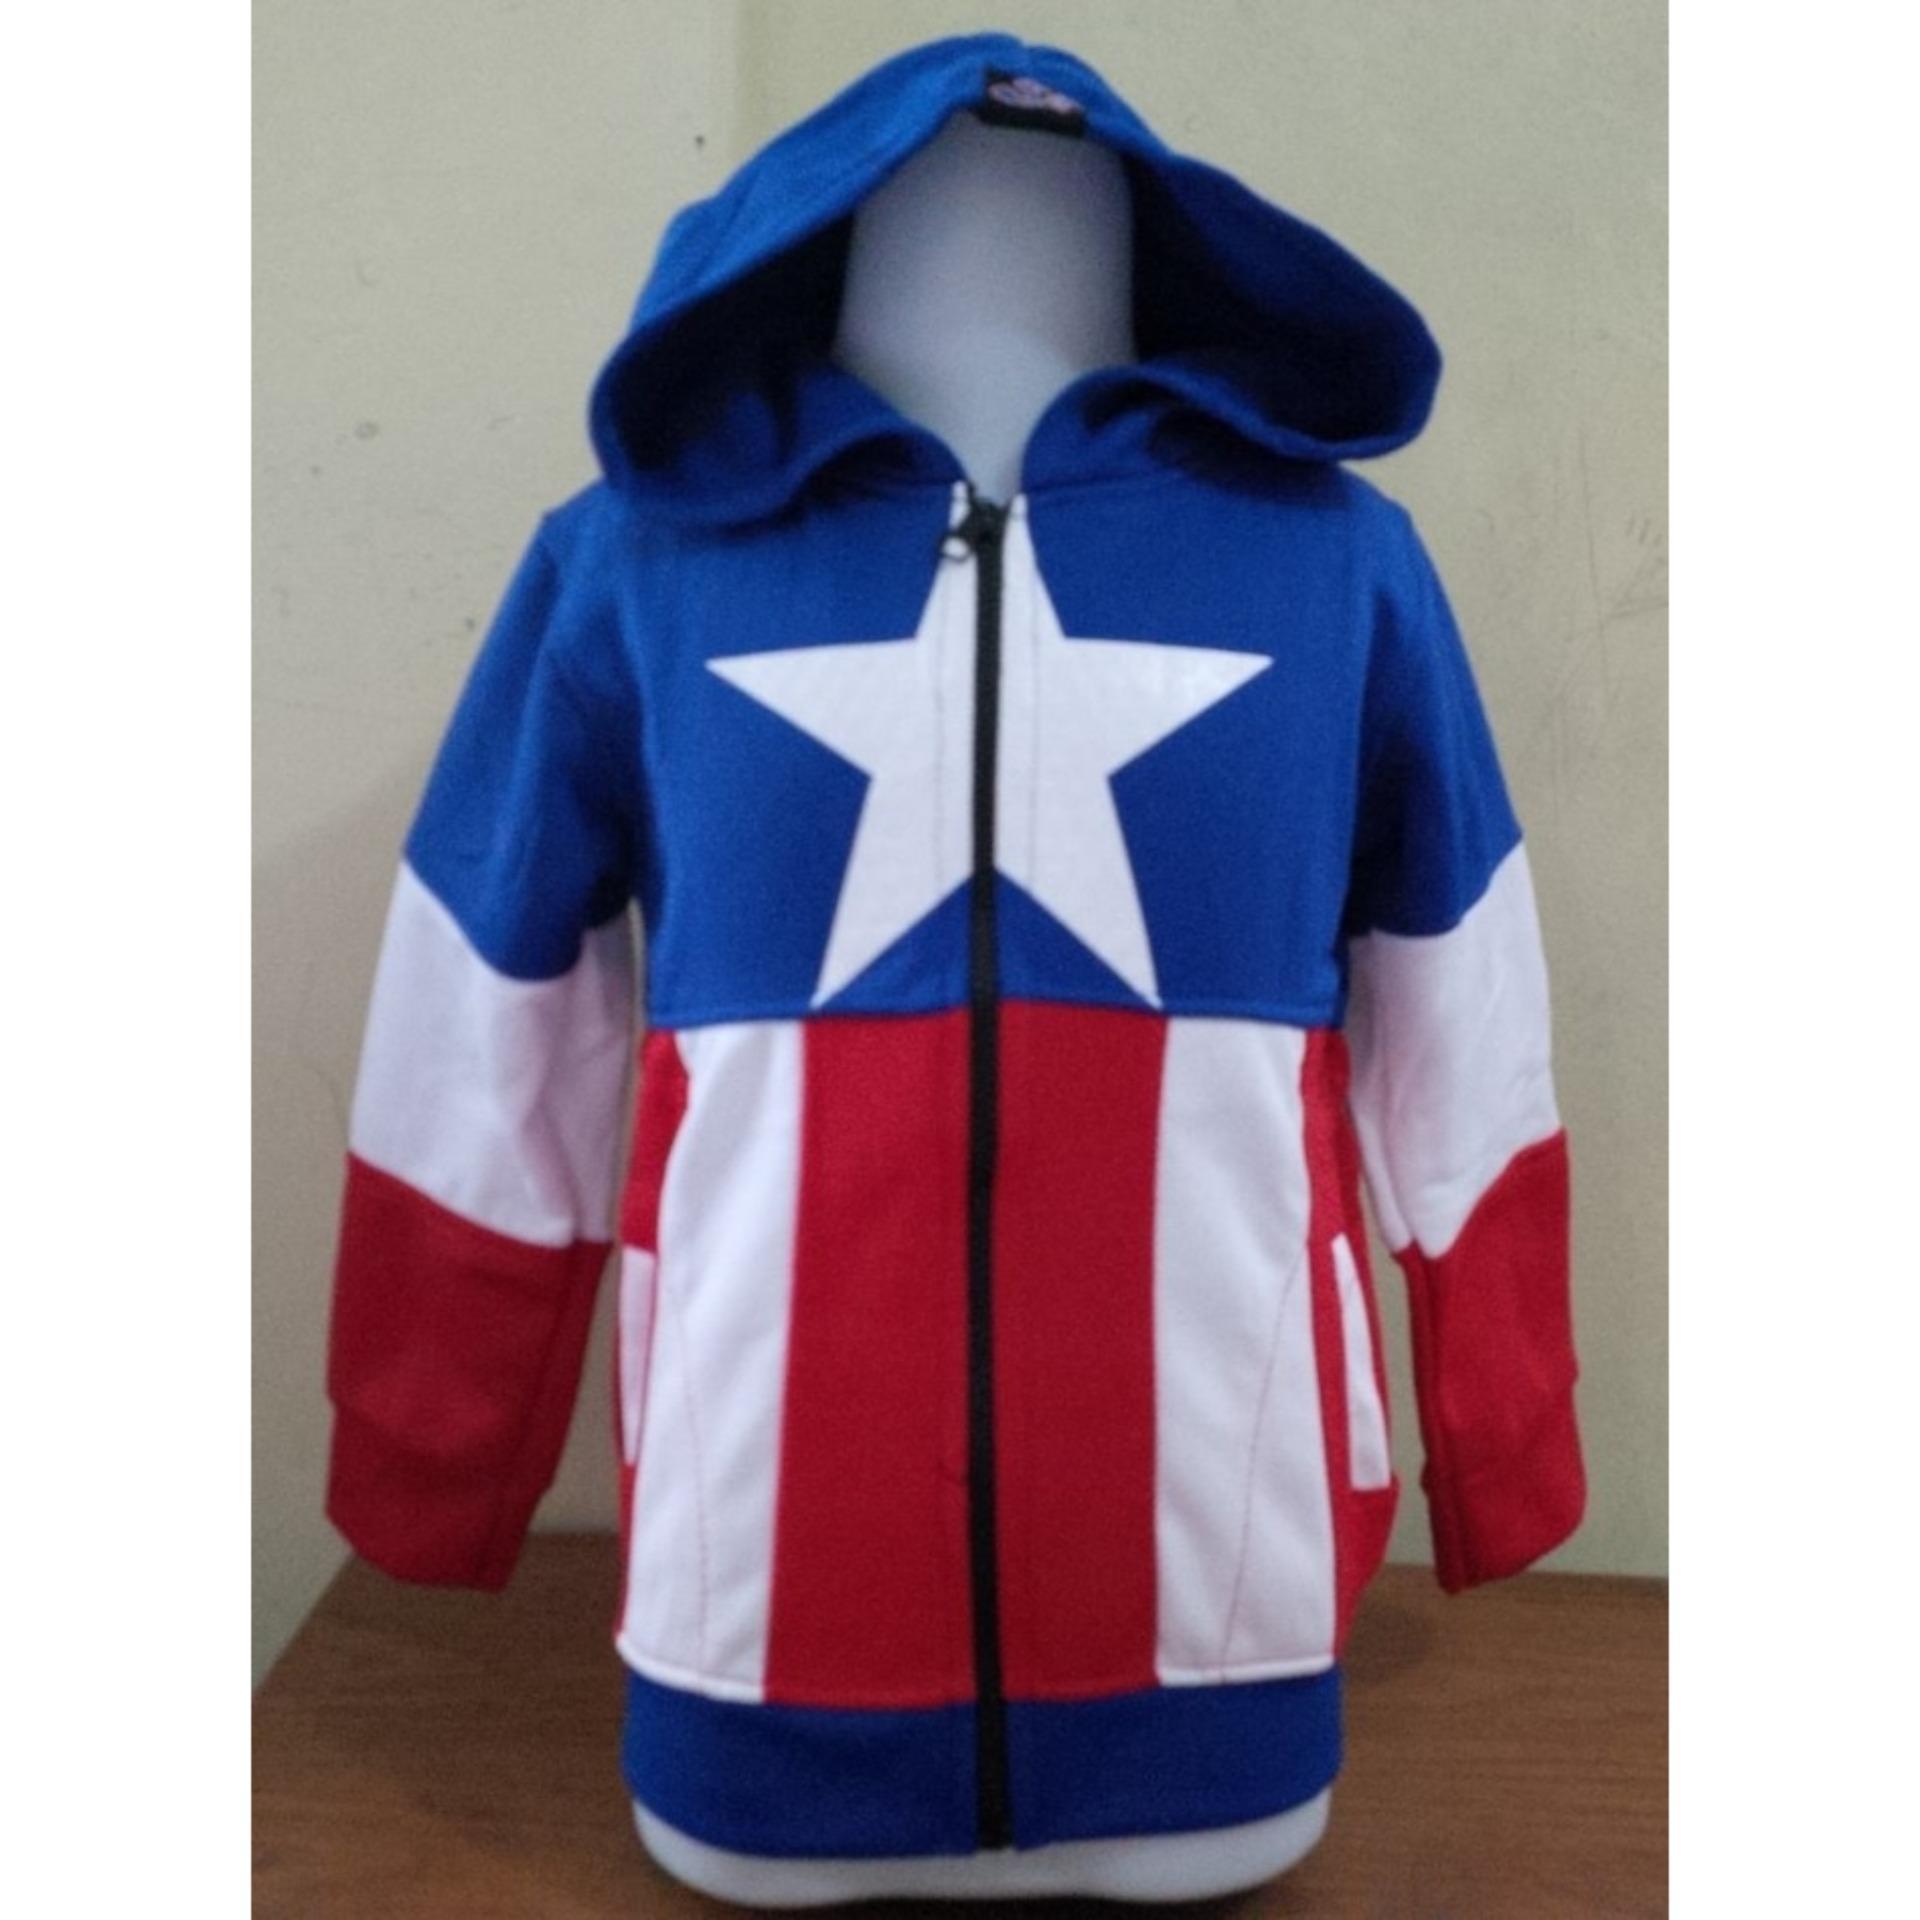 Harga preferensial Jaket Anak Captain America terbaik murah - Hanya Rp68.850 e56dc6a1e3